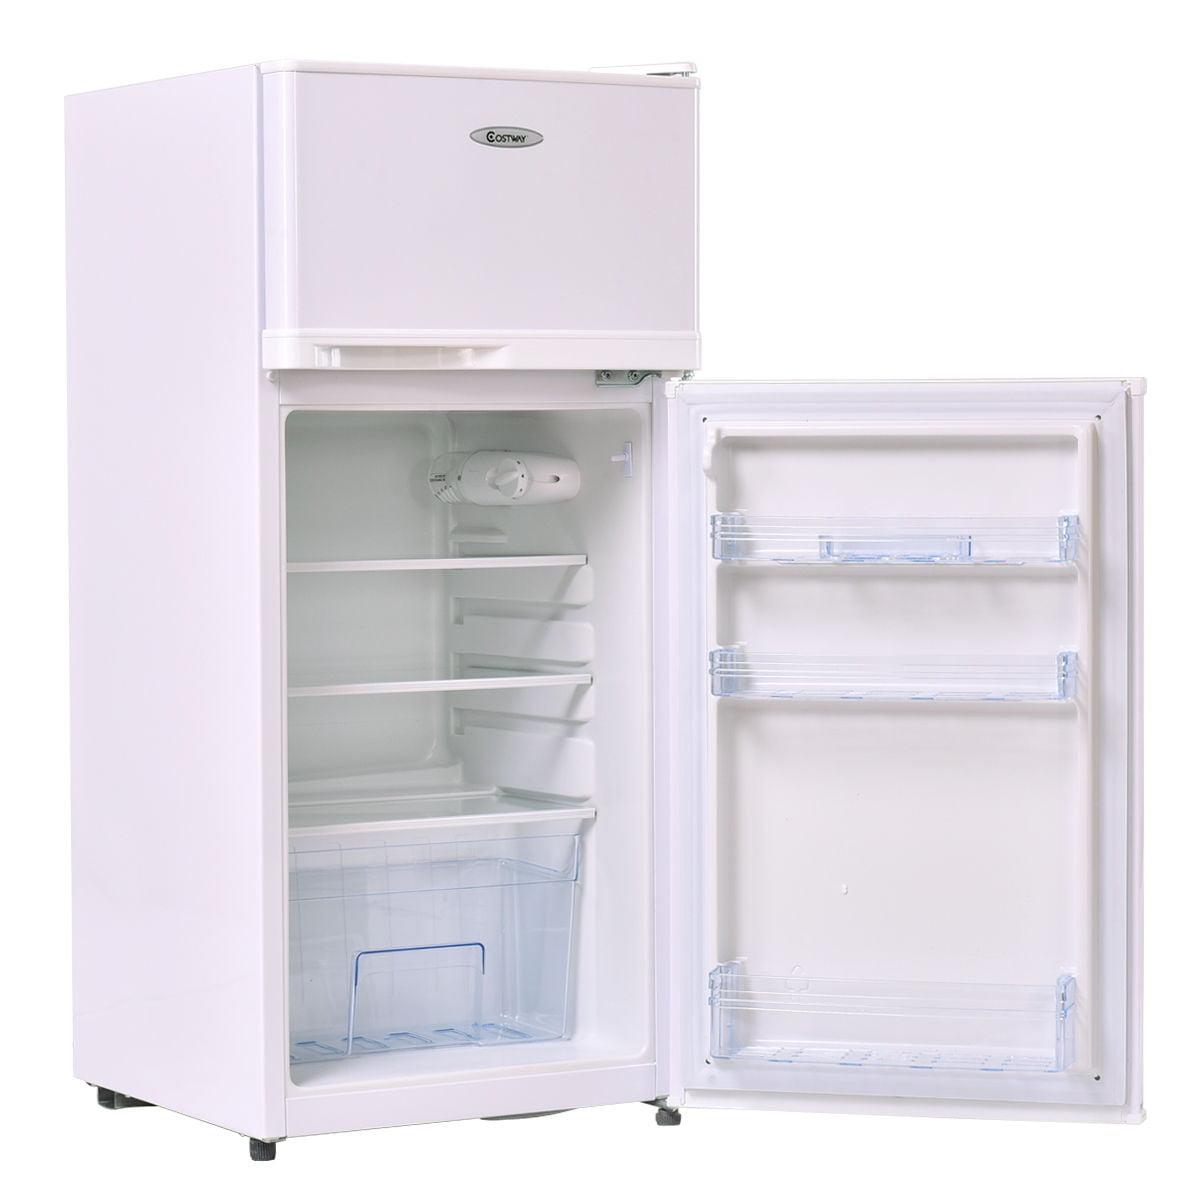 Costway 2 Doors 3 4 cu ft  Unit Compact Mini Refrigerator Freezer Cooler